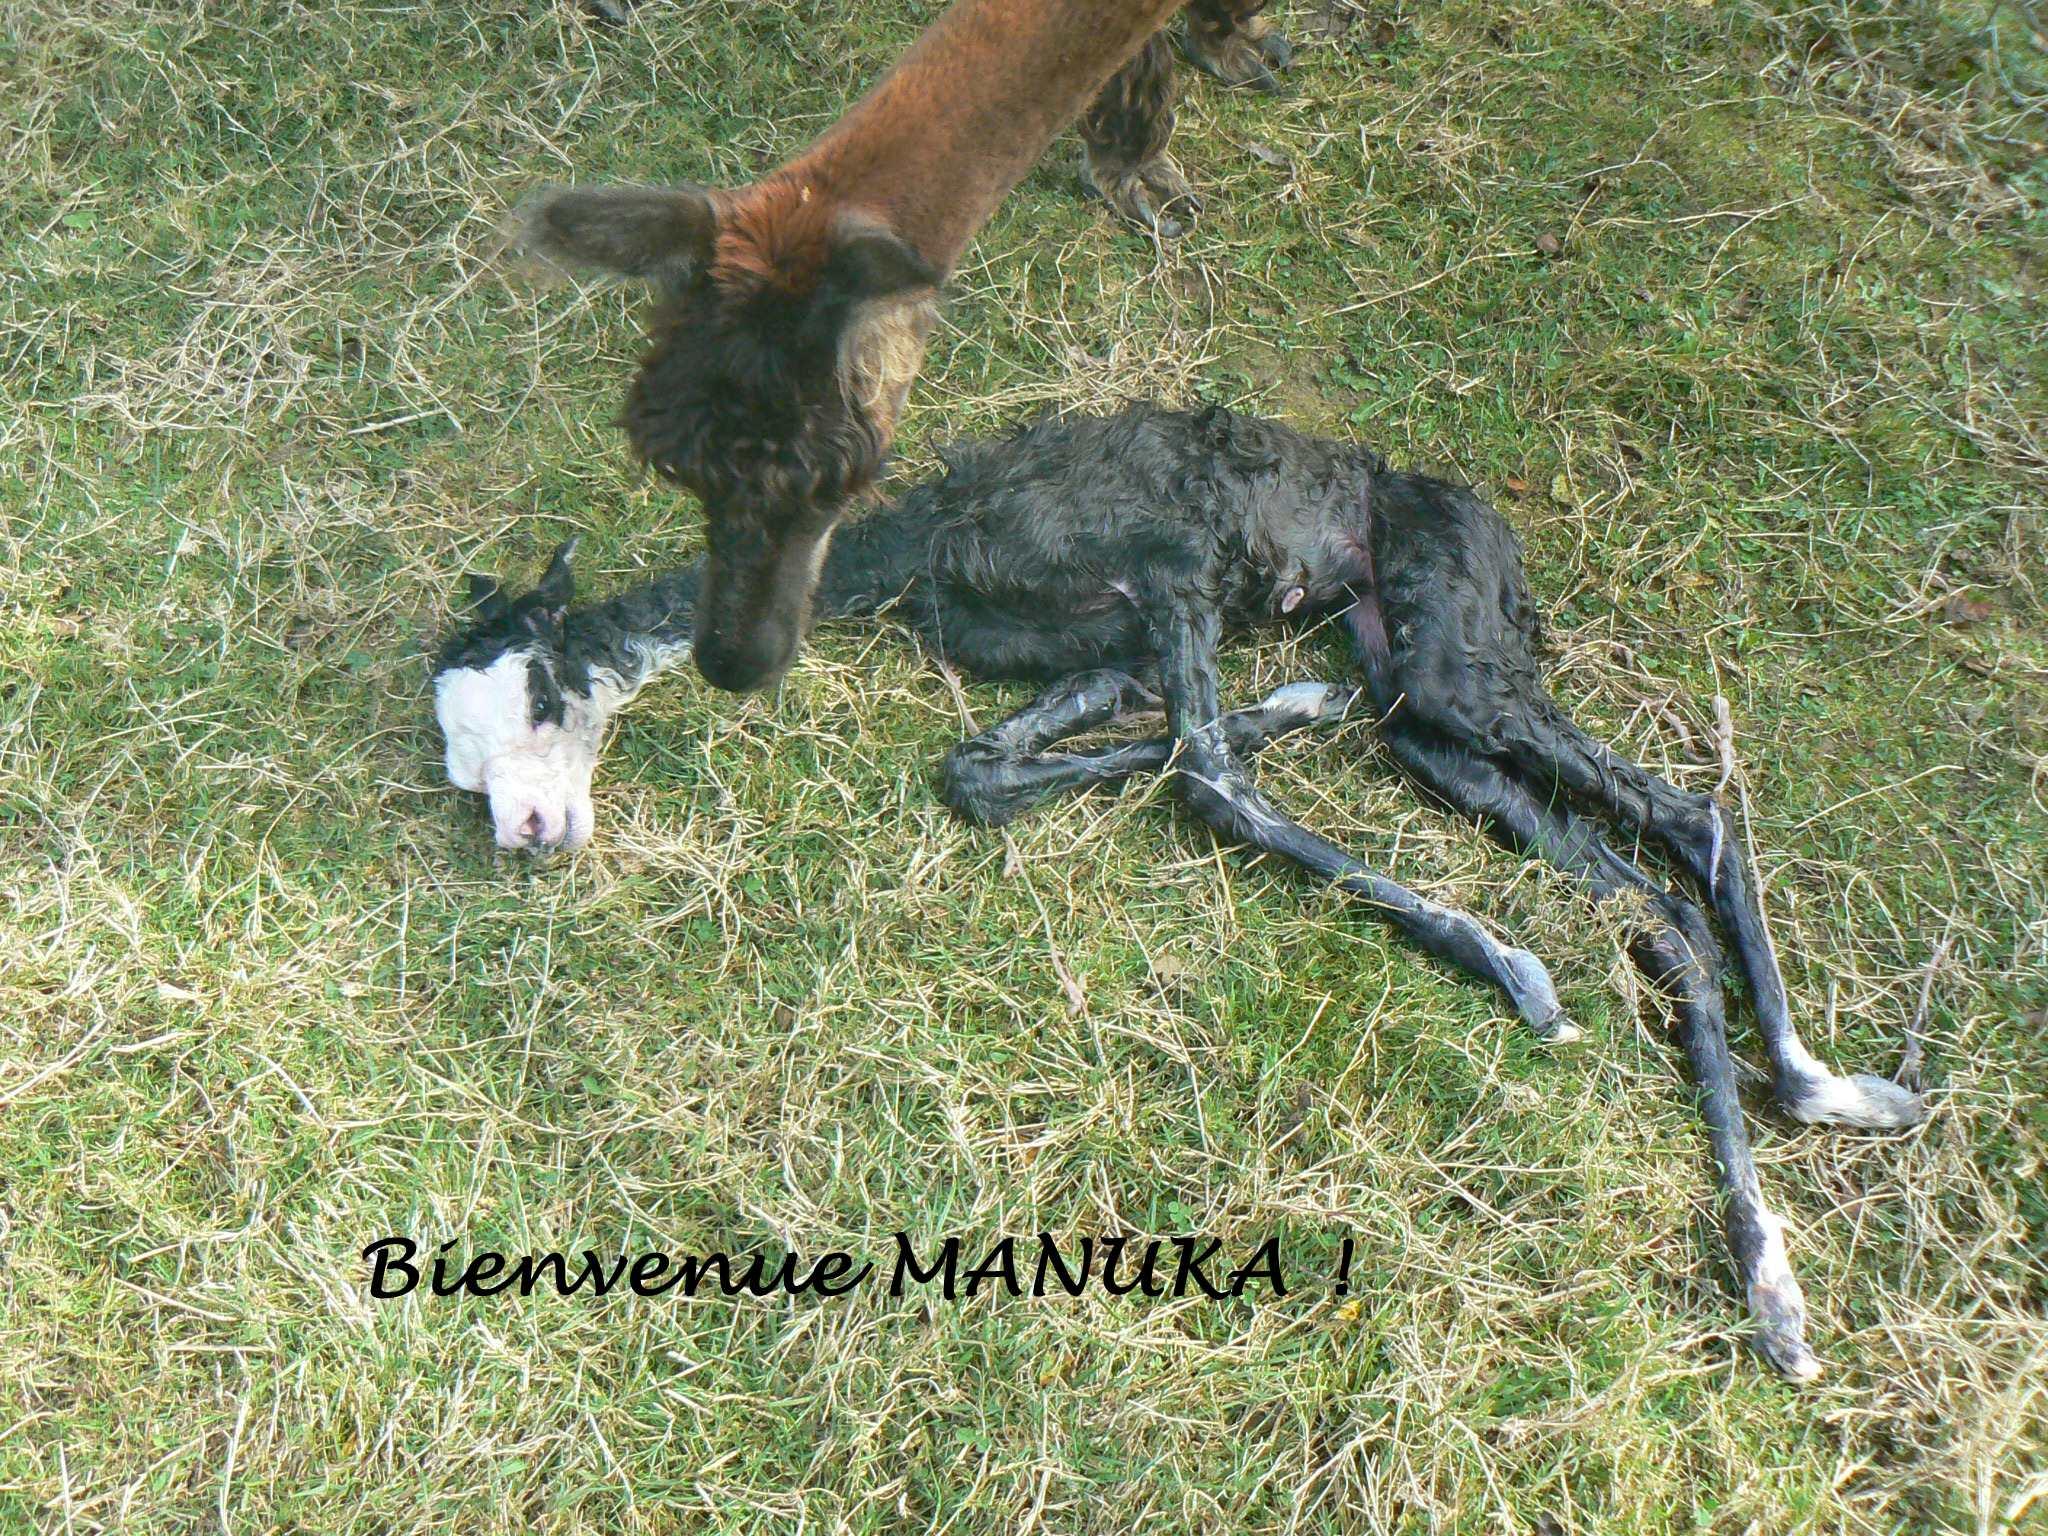 MANUKA naissance 2